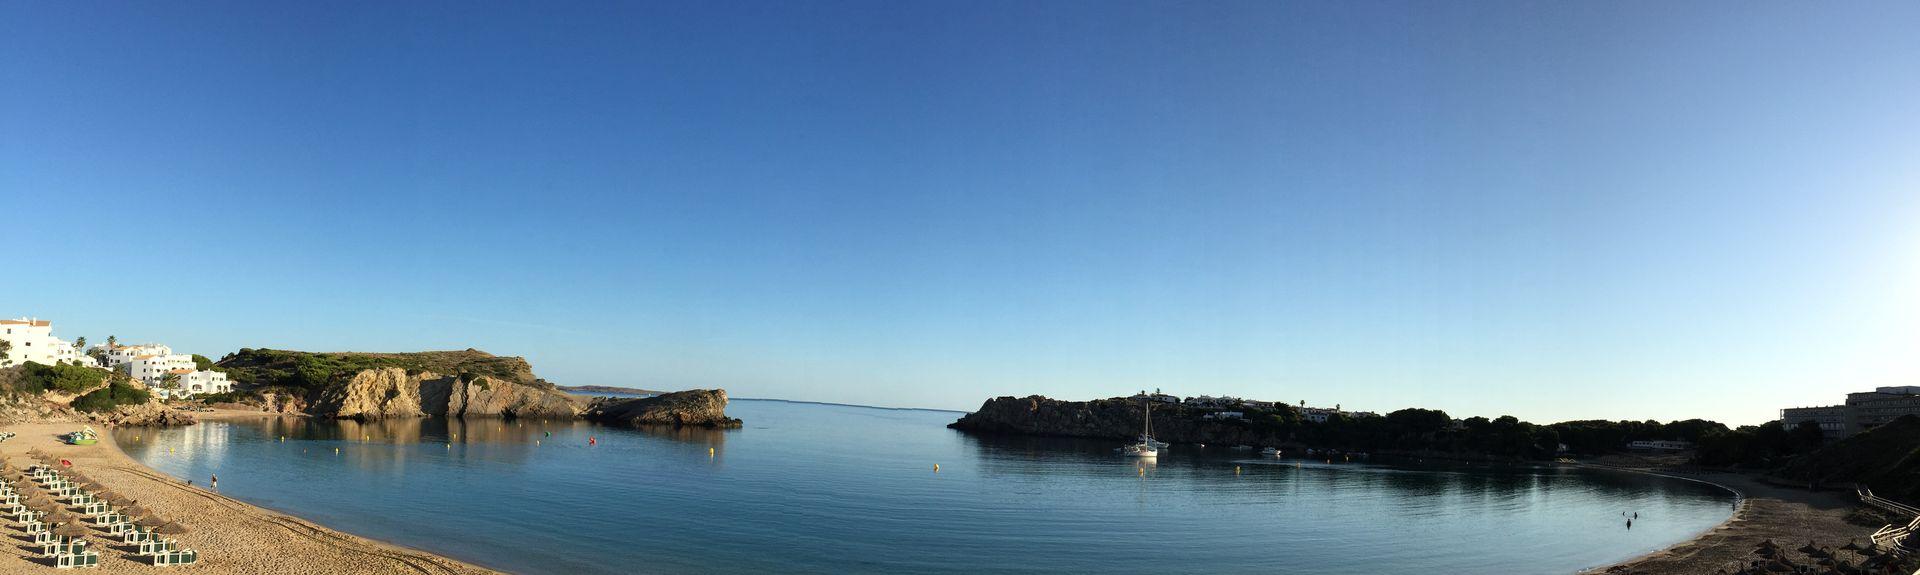 Alayor, Ilhas Baleares, Espanha